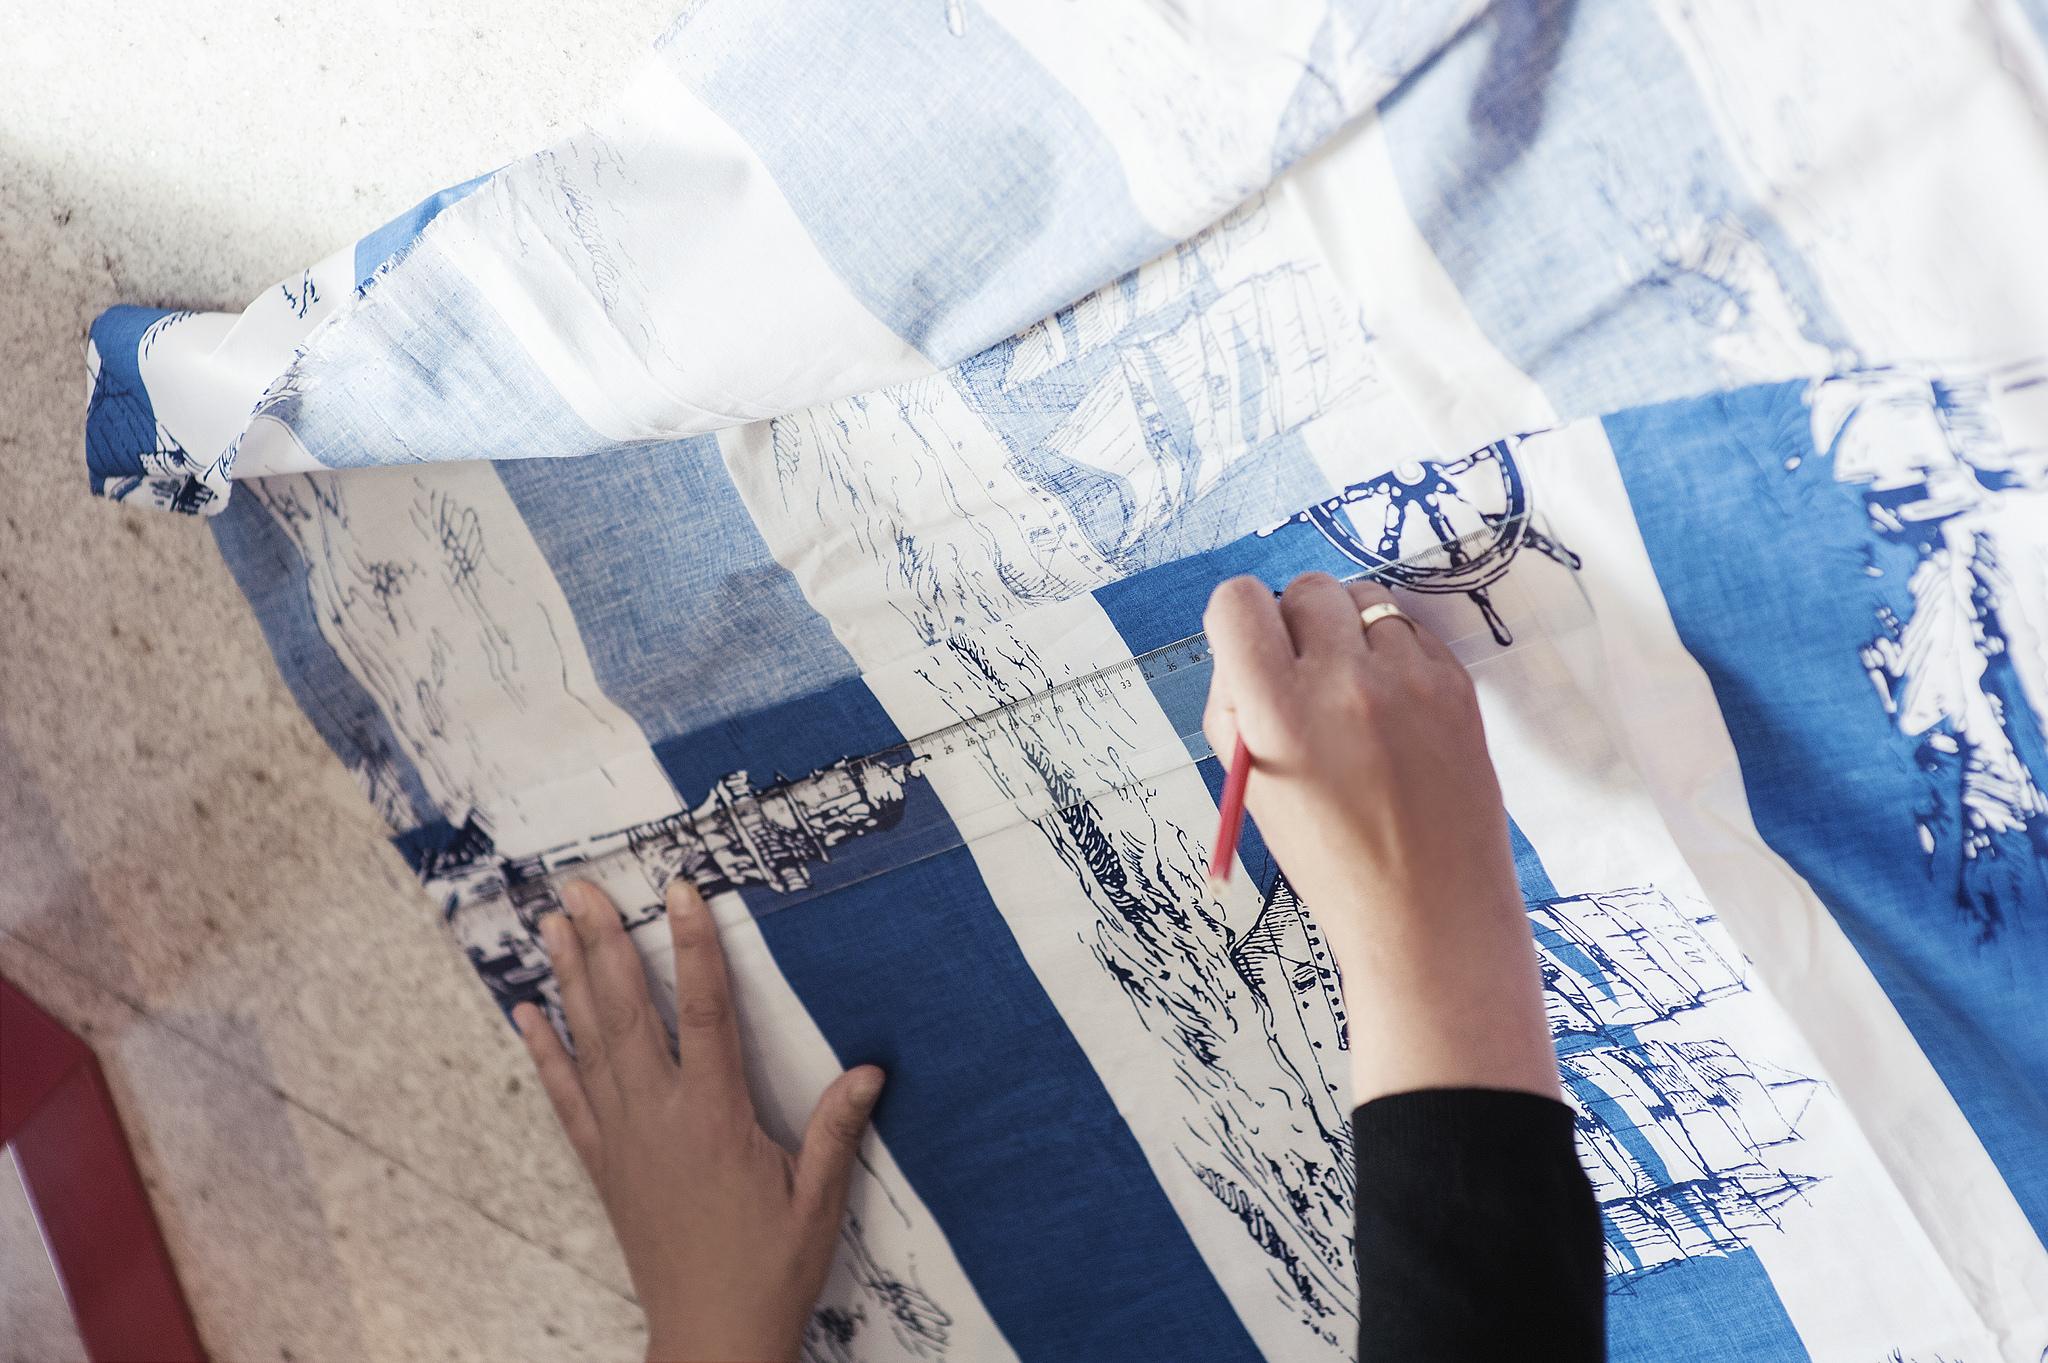 Warsztaty projektowe dla dzieci, Gdynia Design Days (źródło: materiały prasowe organizatora)